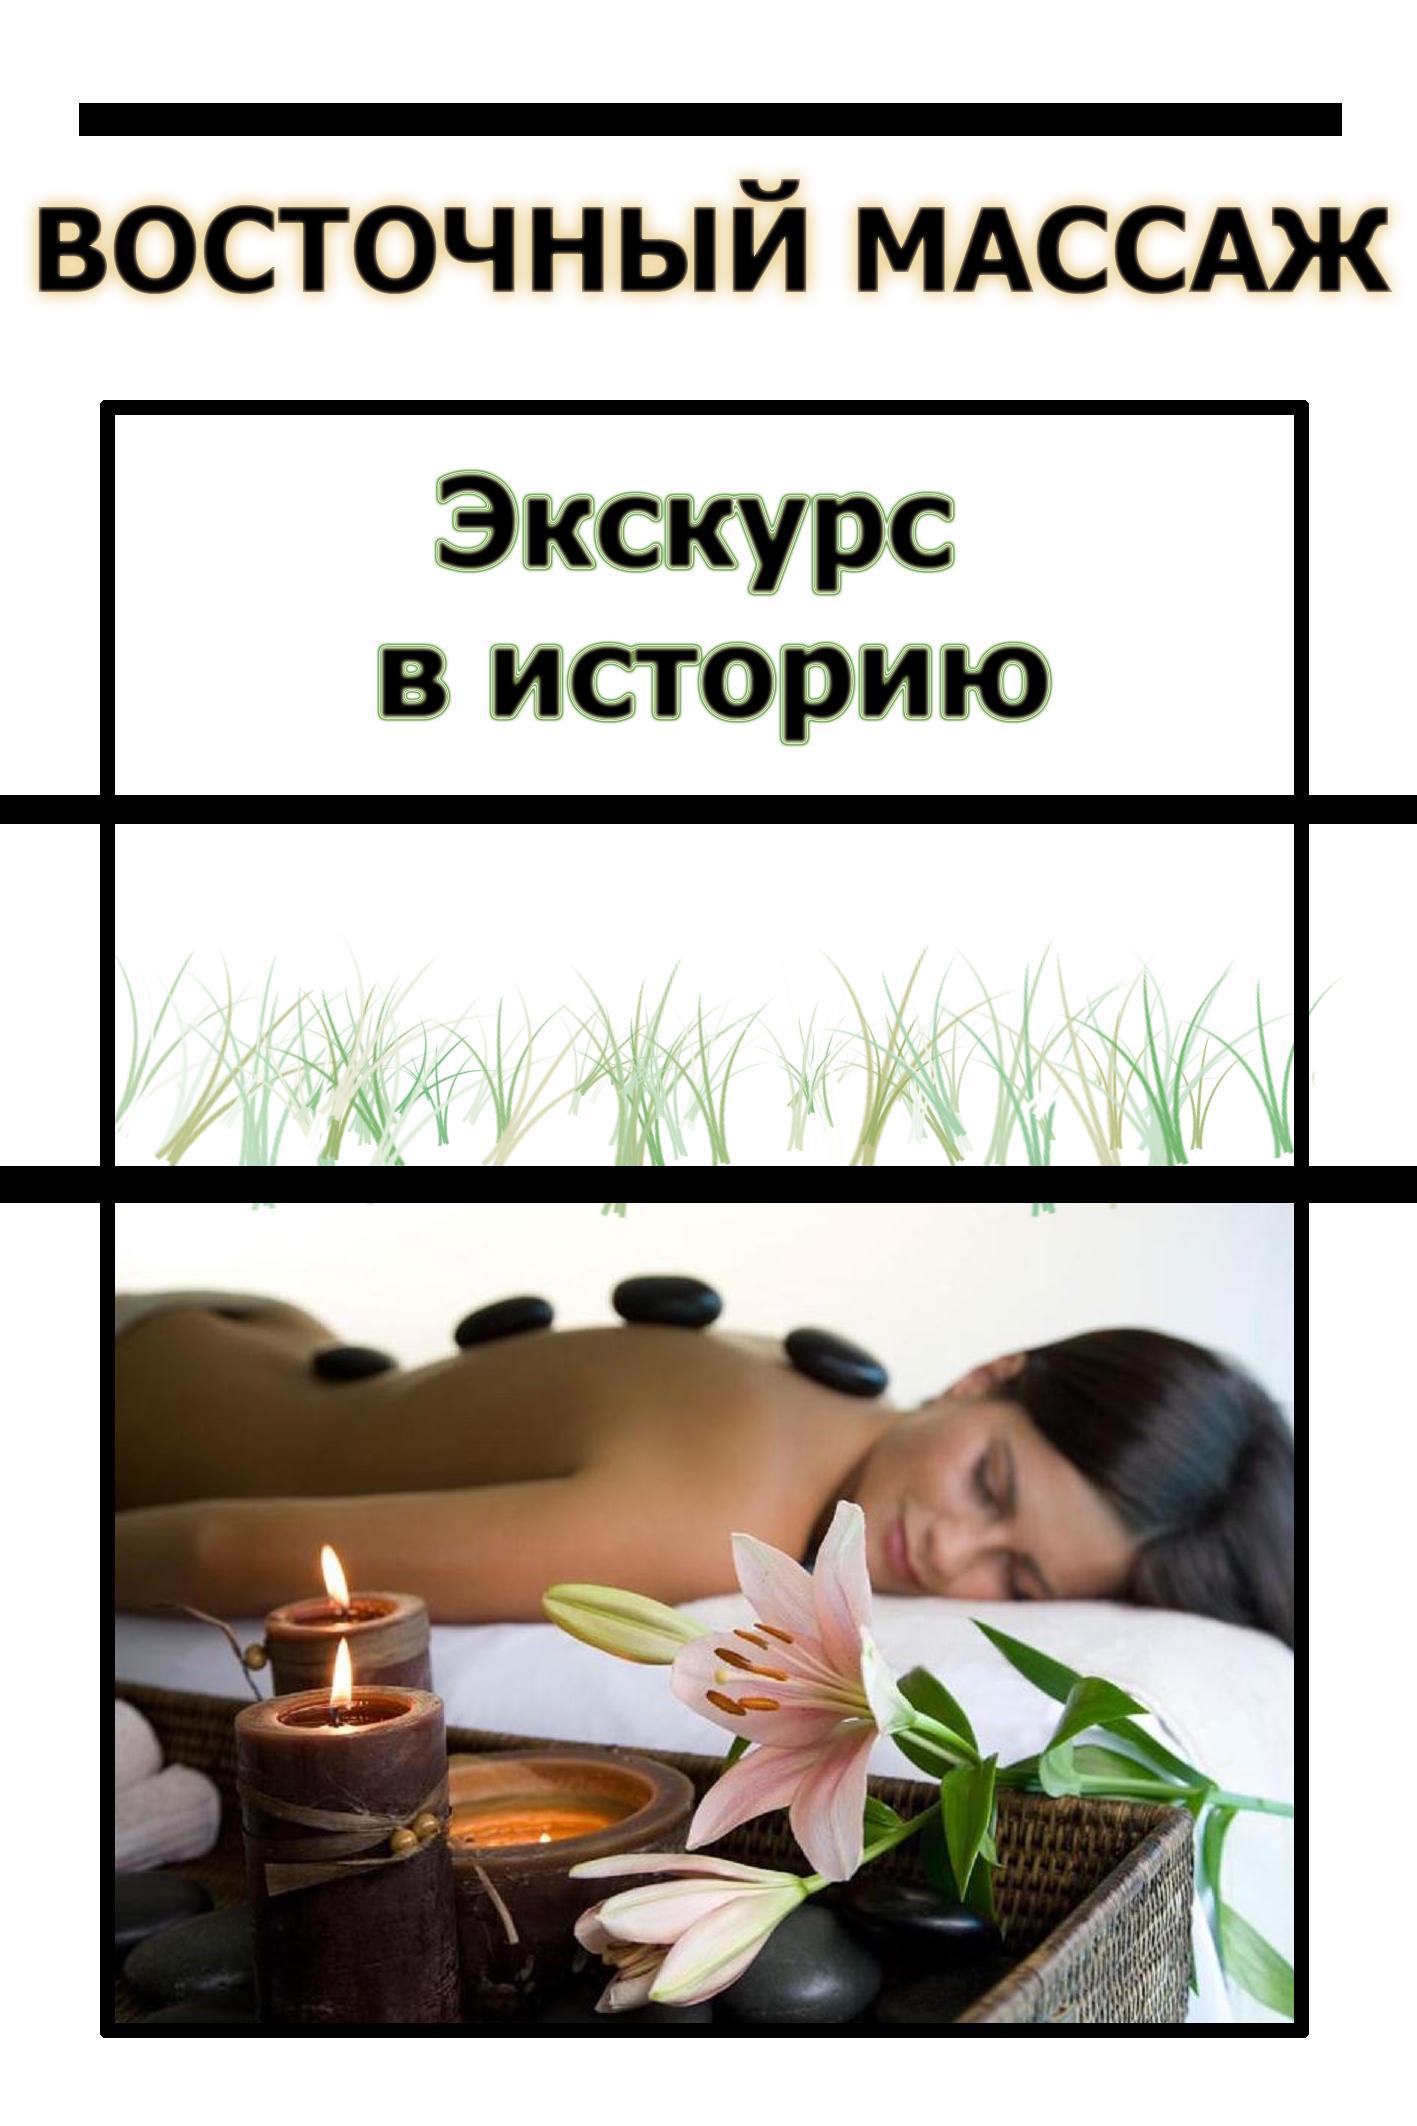 Илья Мельников Восточный массаж. Экскурс в историю карин калбантнер вернике шиацу для детей оздоравливающий восточный массаж